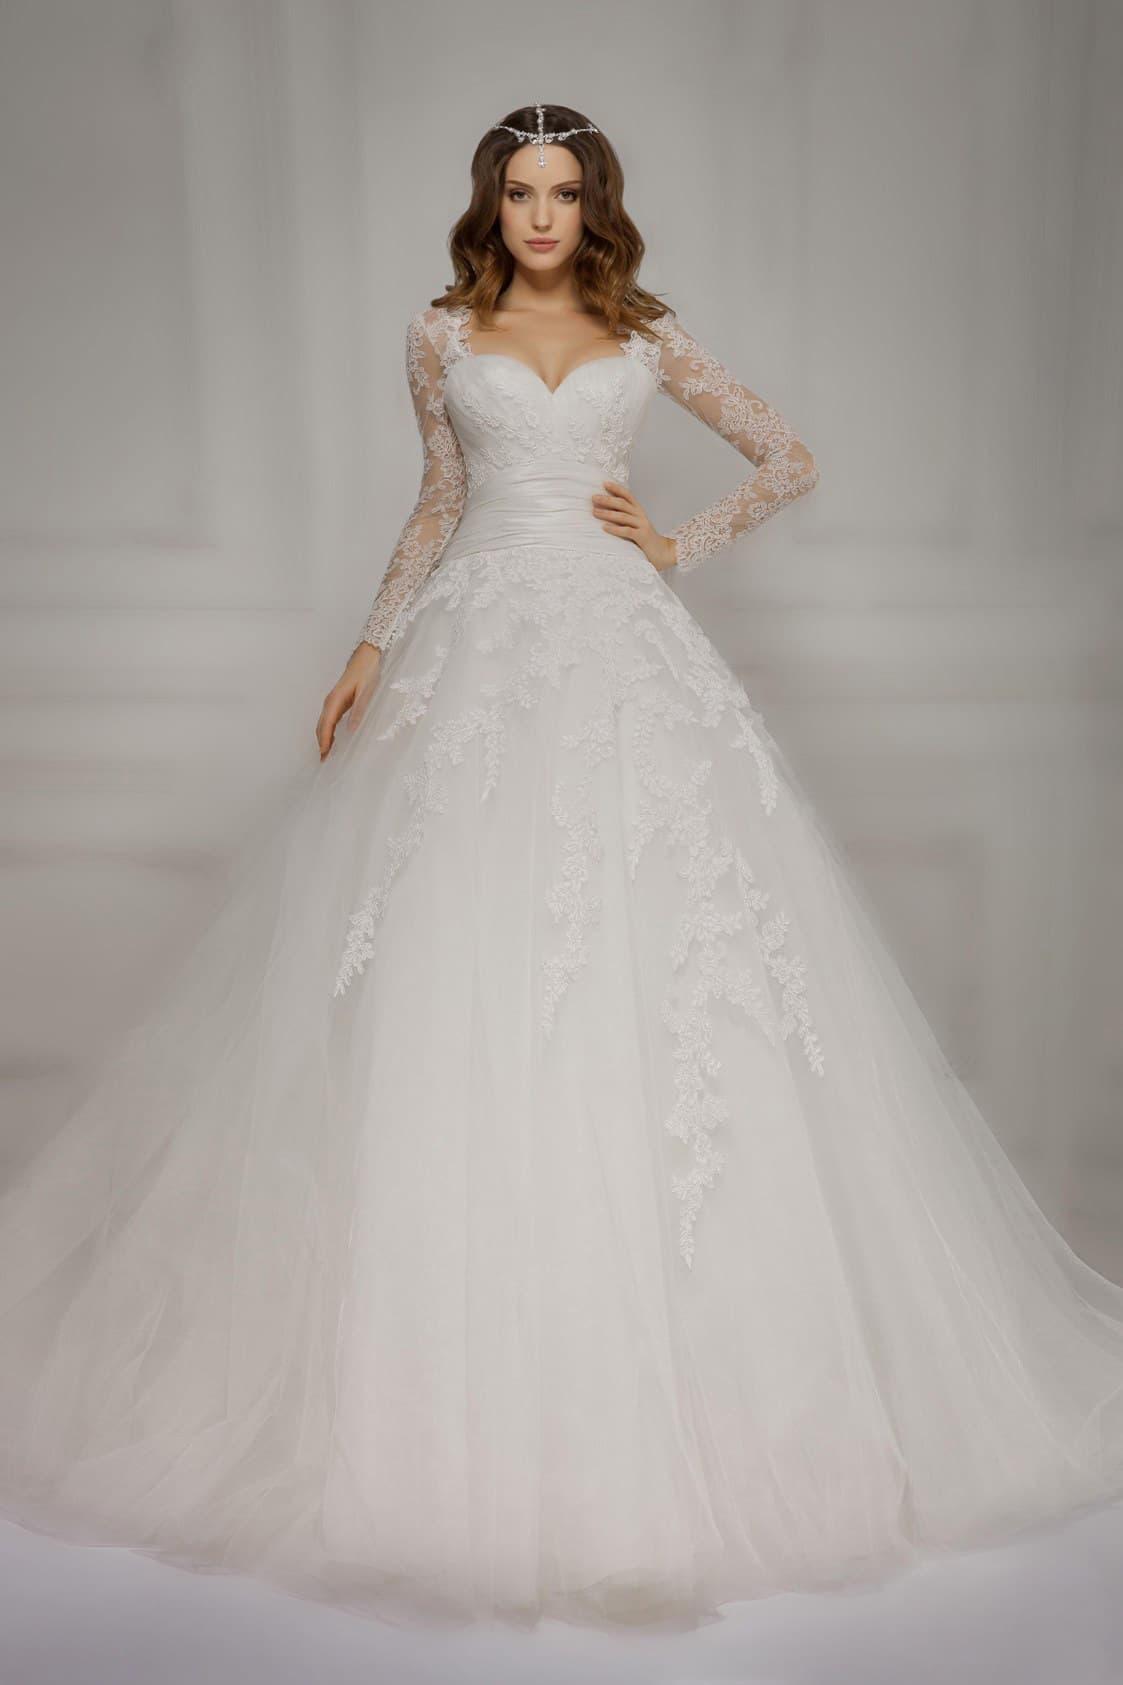 Свадебное платье с кружевной юбкой фото